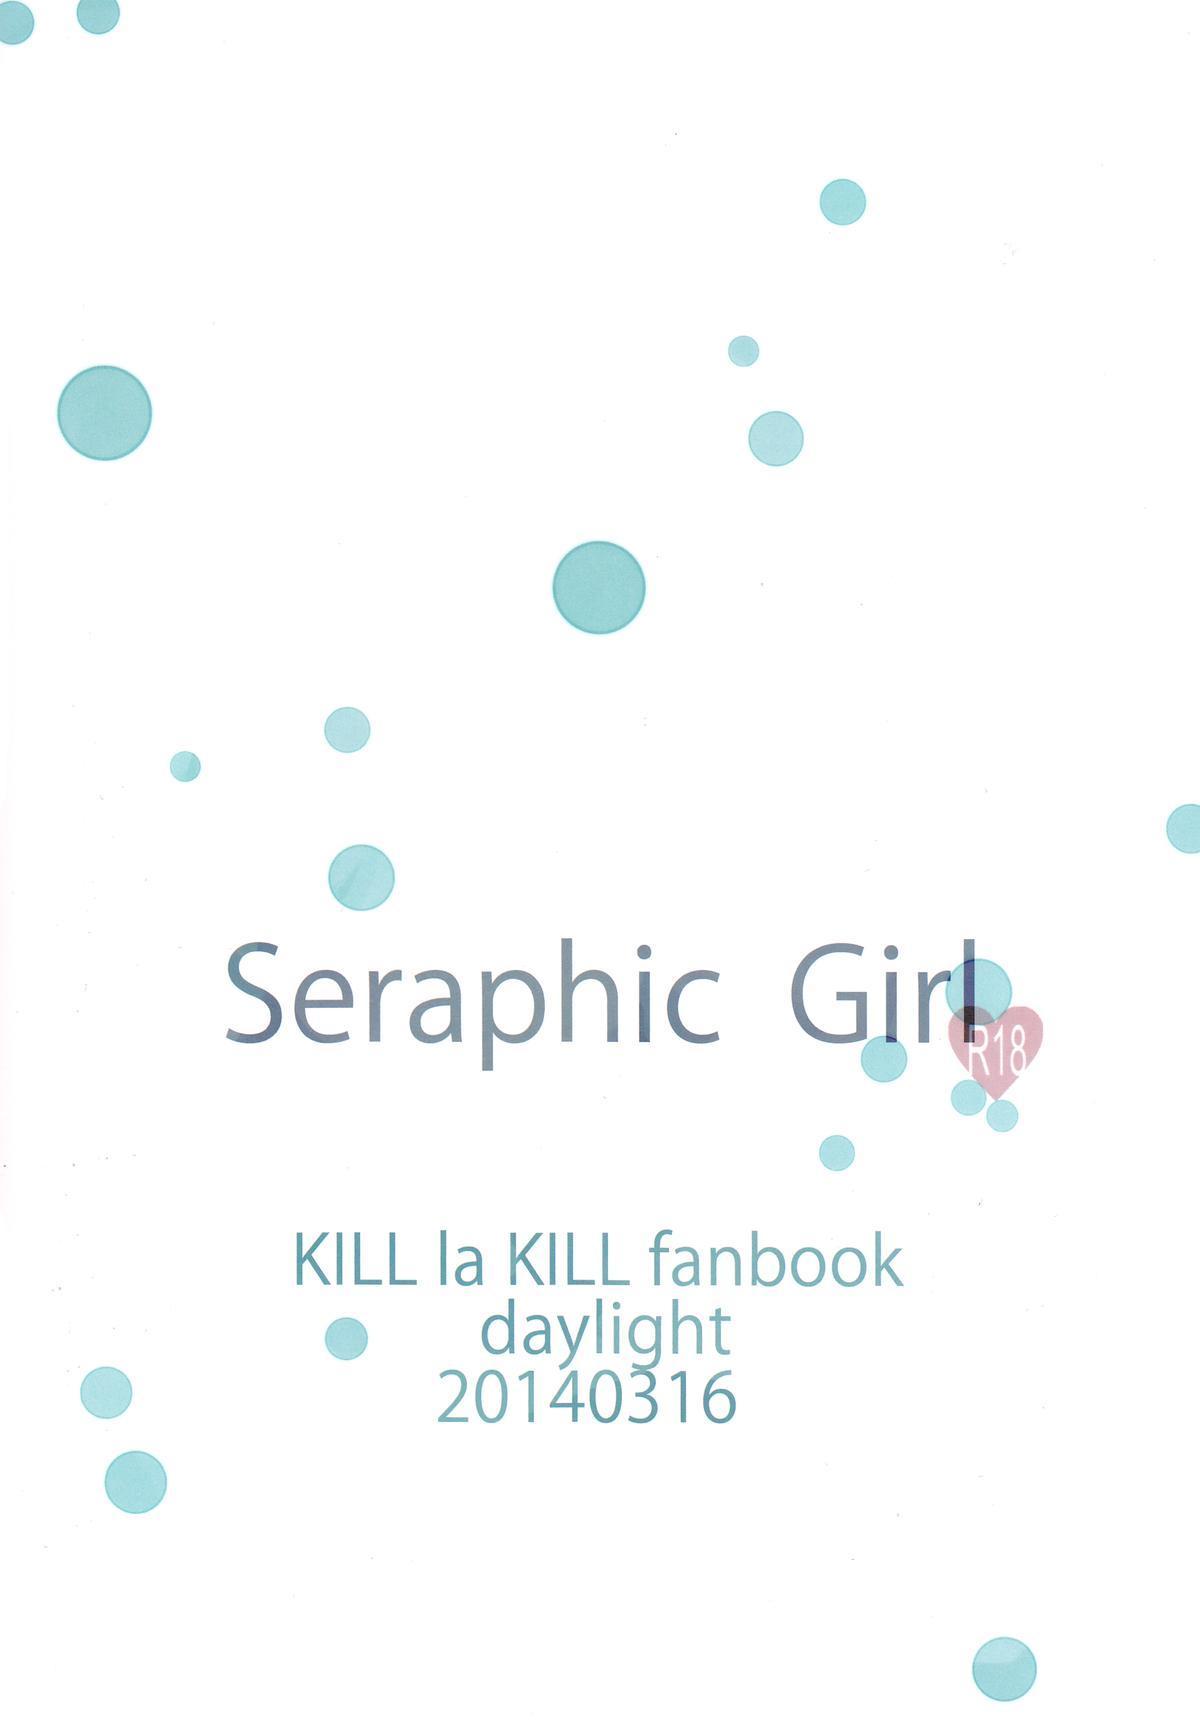 Seraphic Girl 21